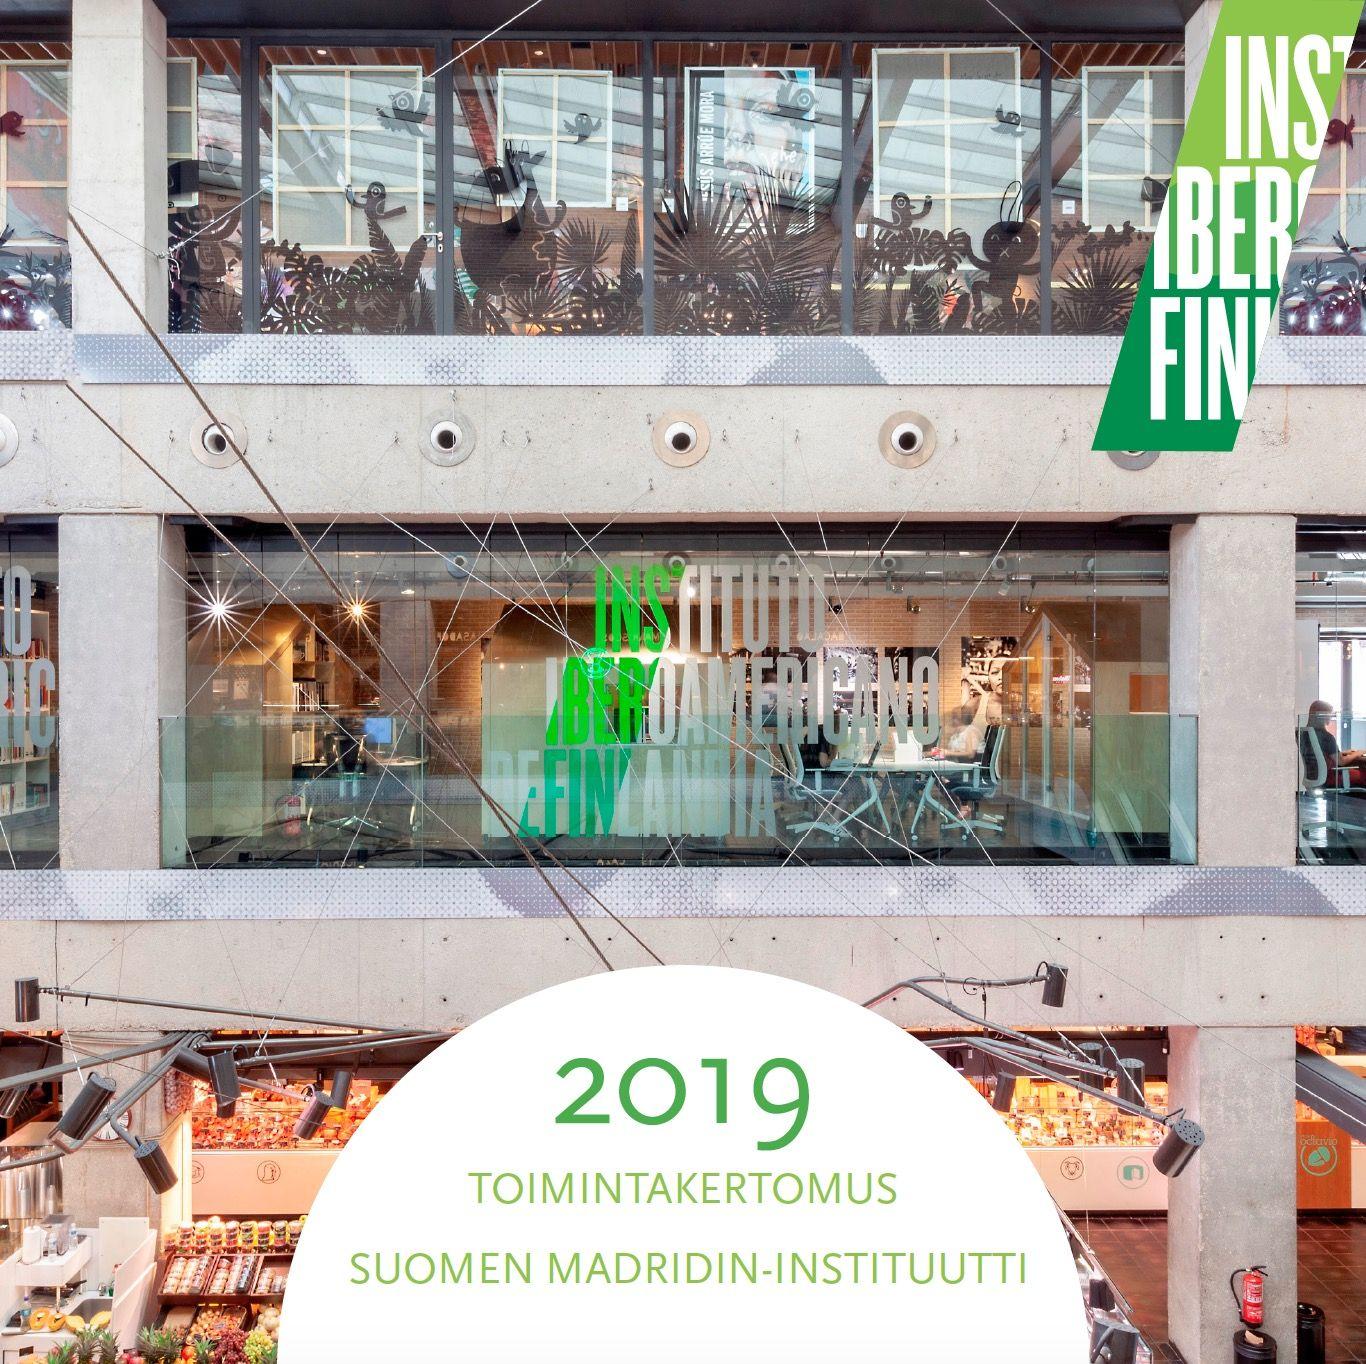 Instituutin toimintakertomus 2019